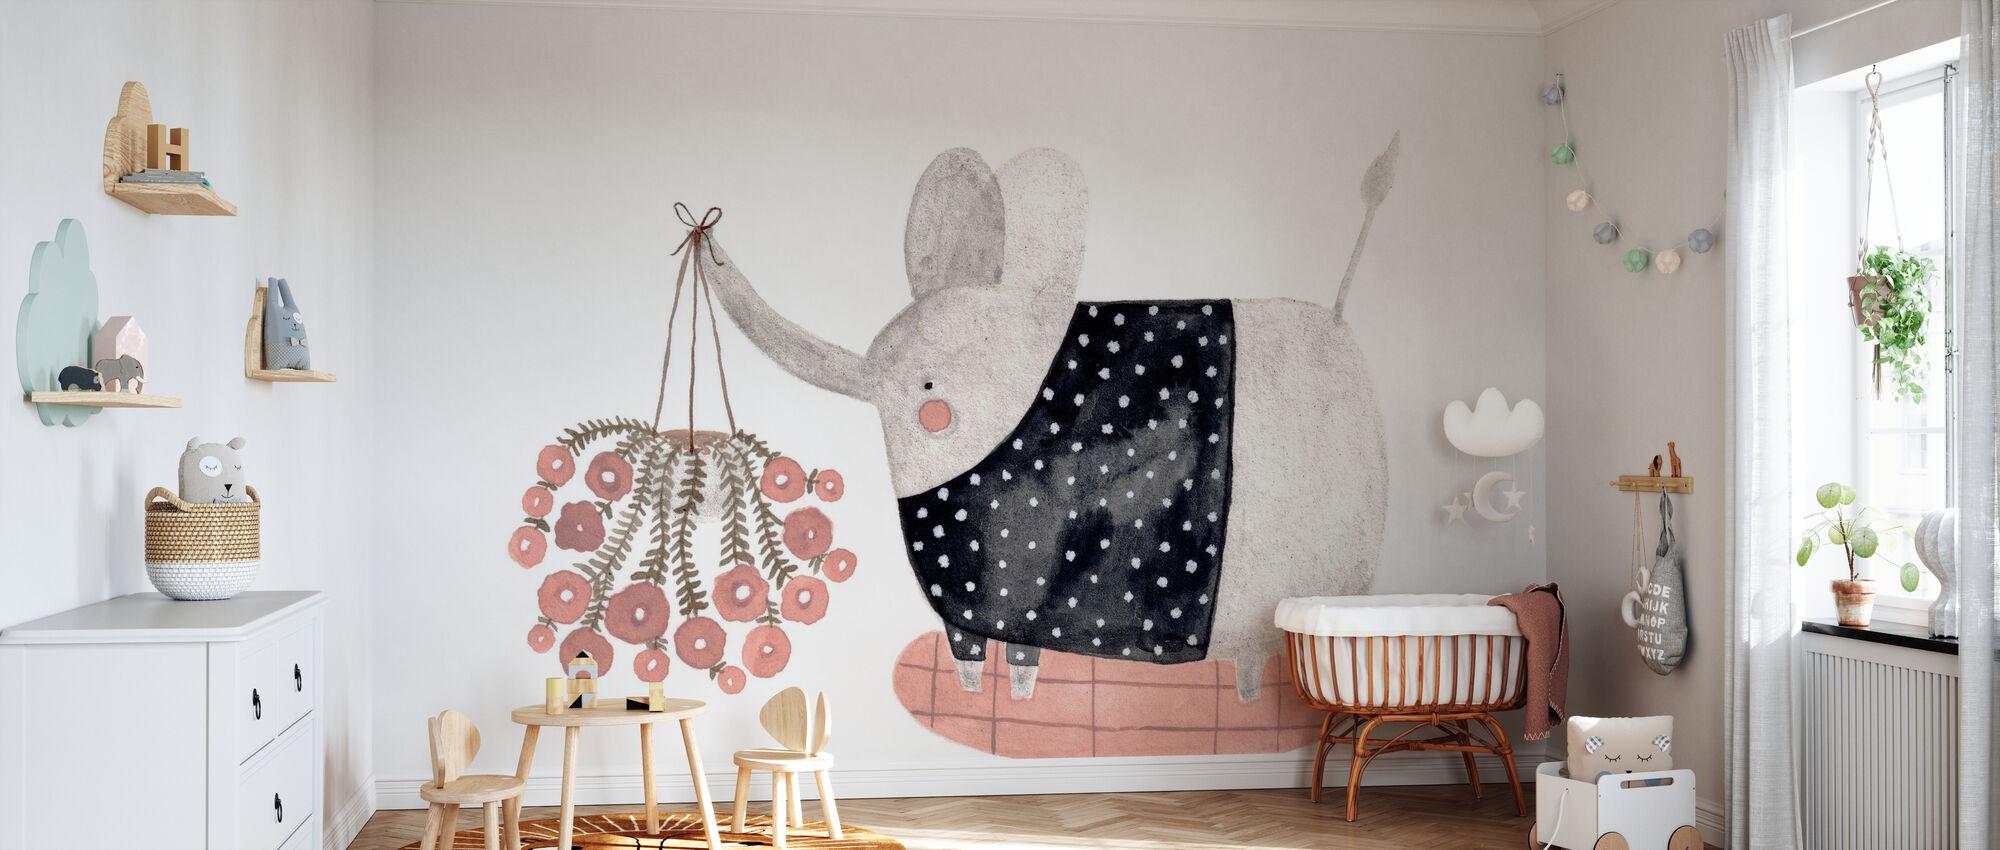 olifant - Behang - Babykamer